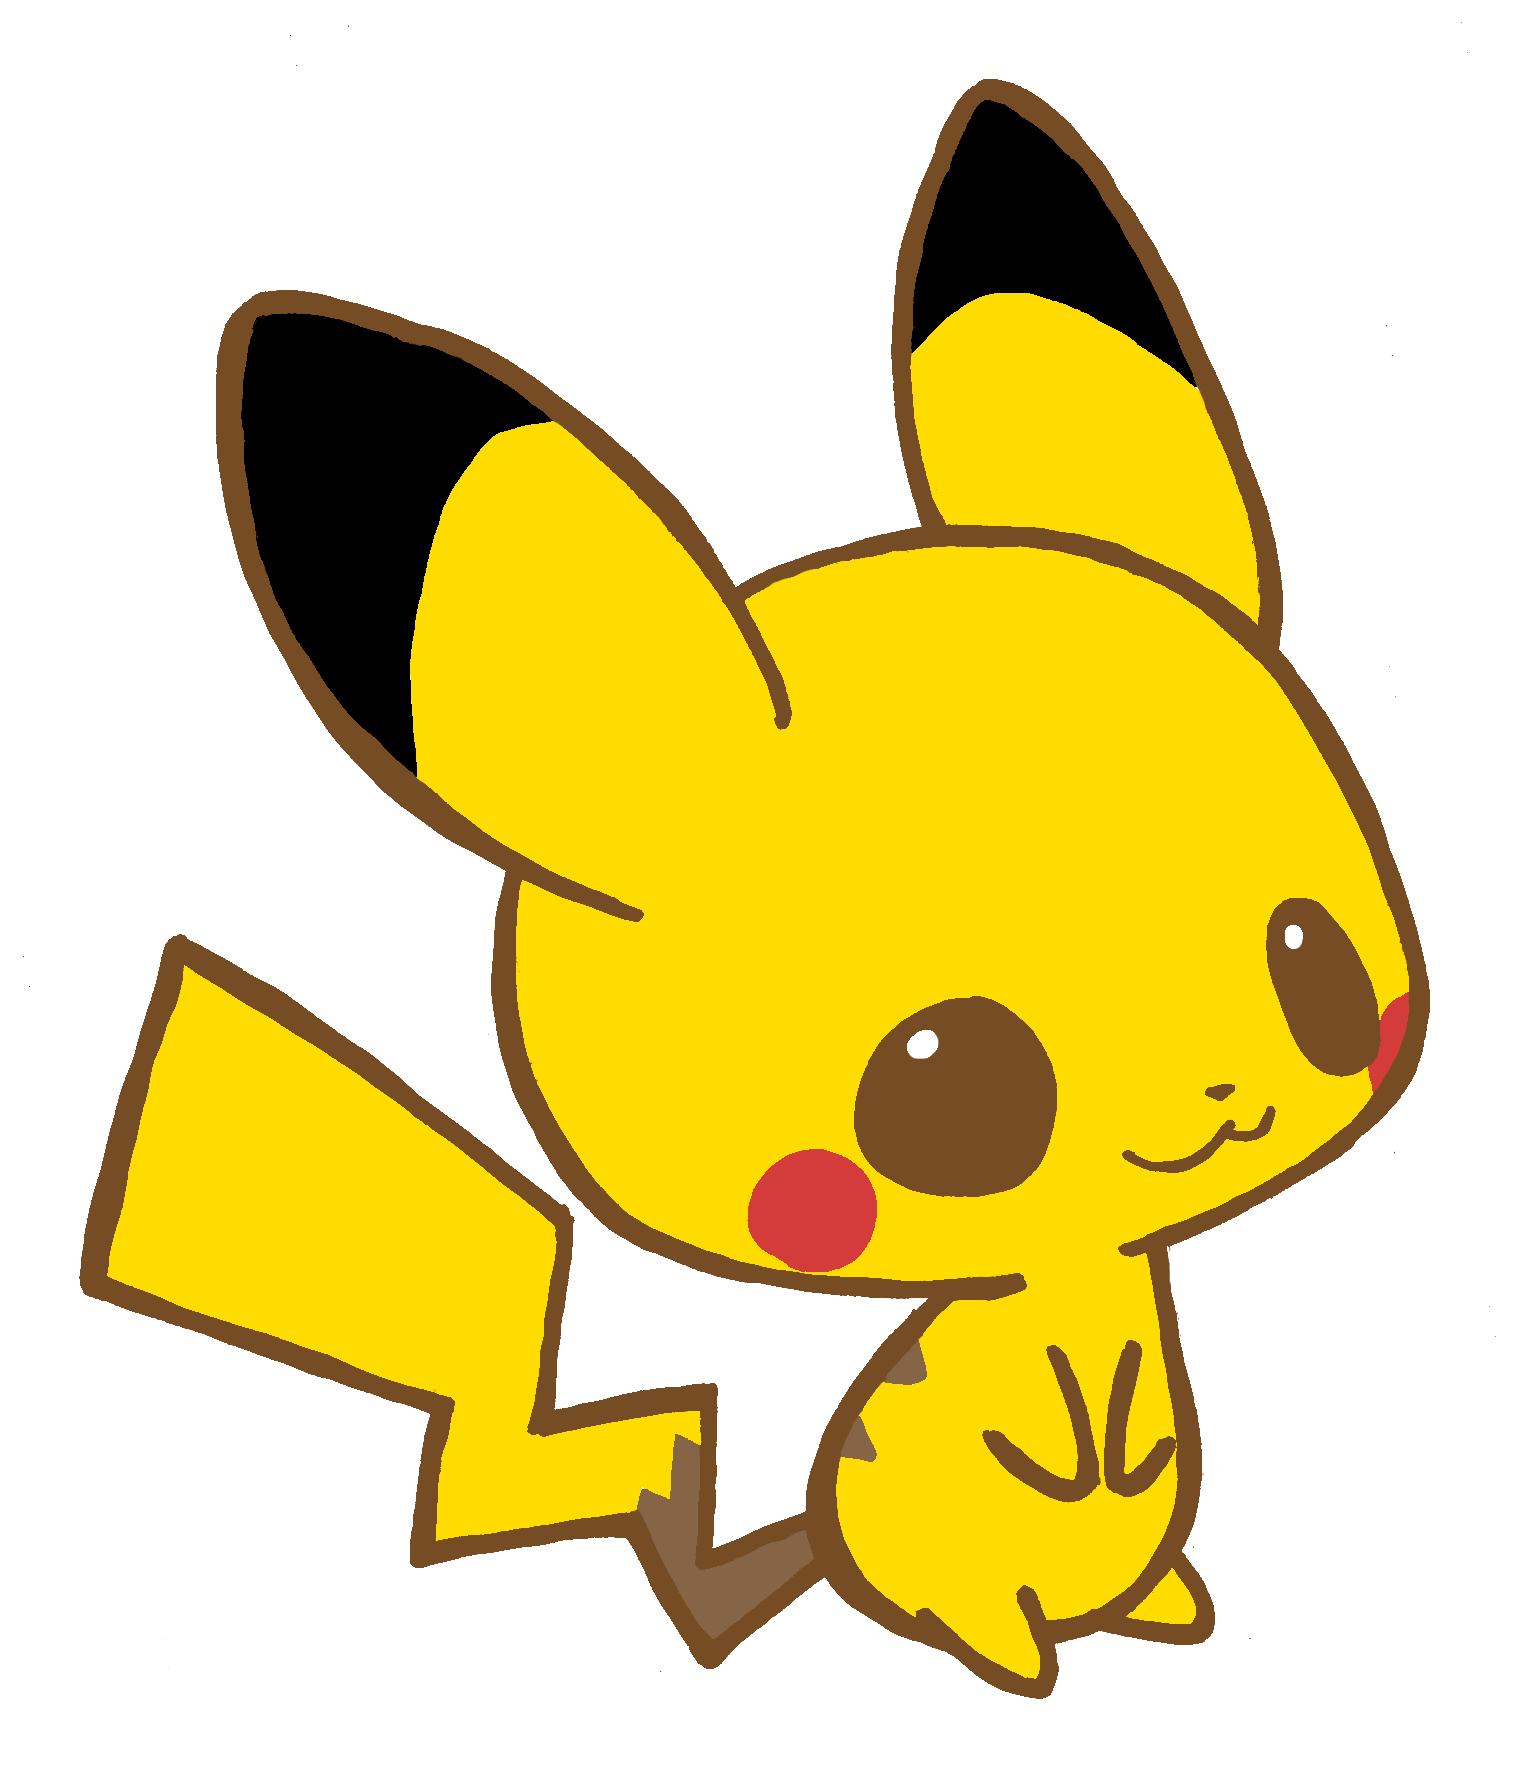 Pikachu pok mon page 12 of 21 zerochan anime image board - Image pikachu ...